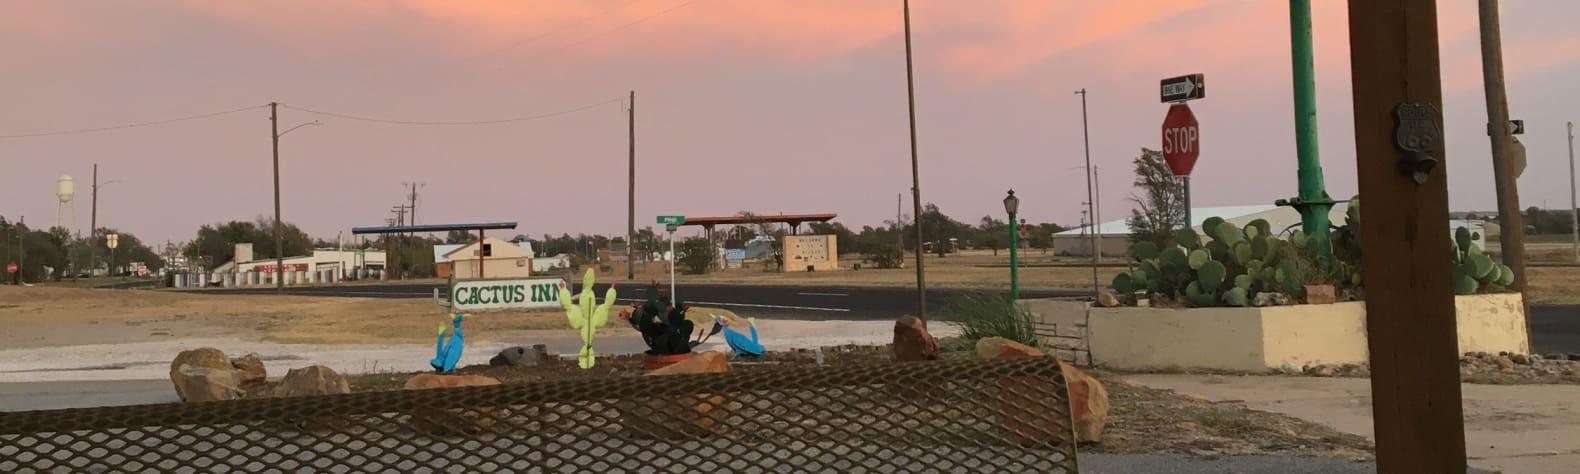 Cactus I.'s Land